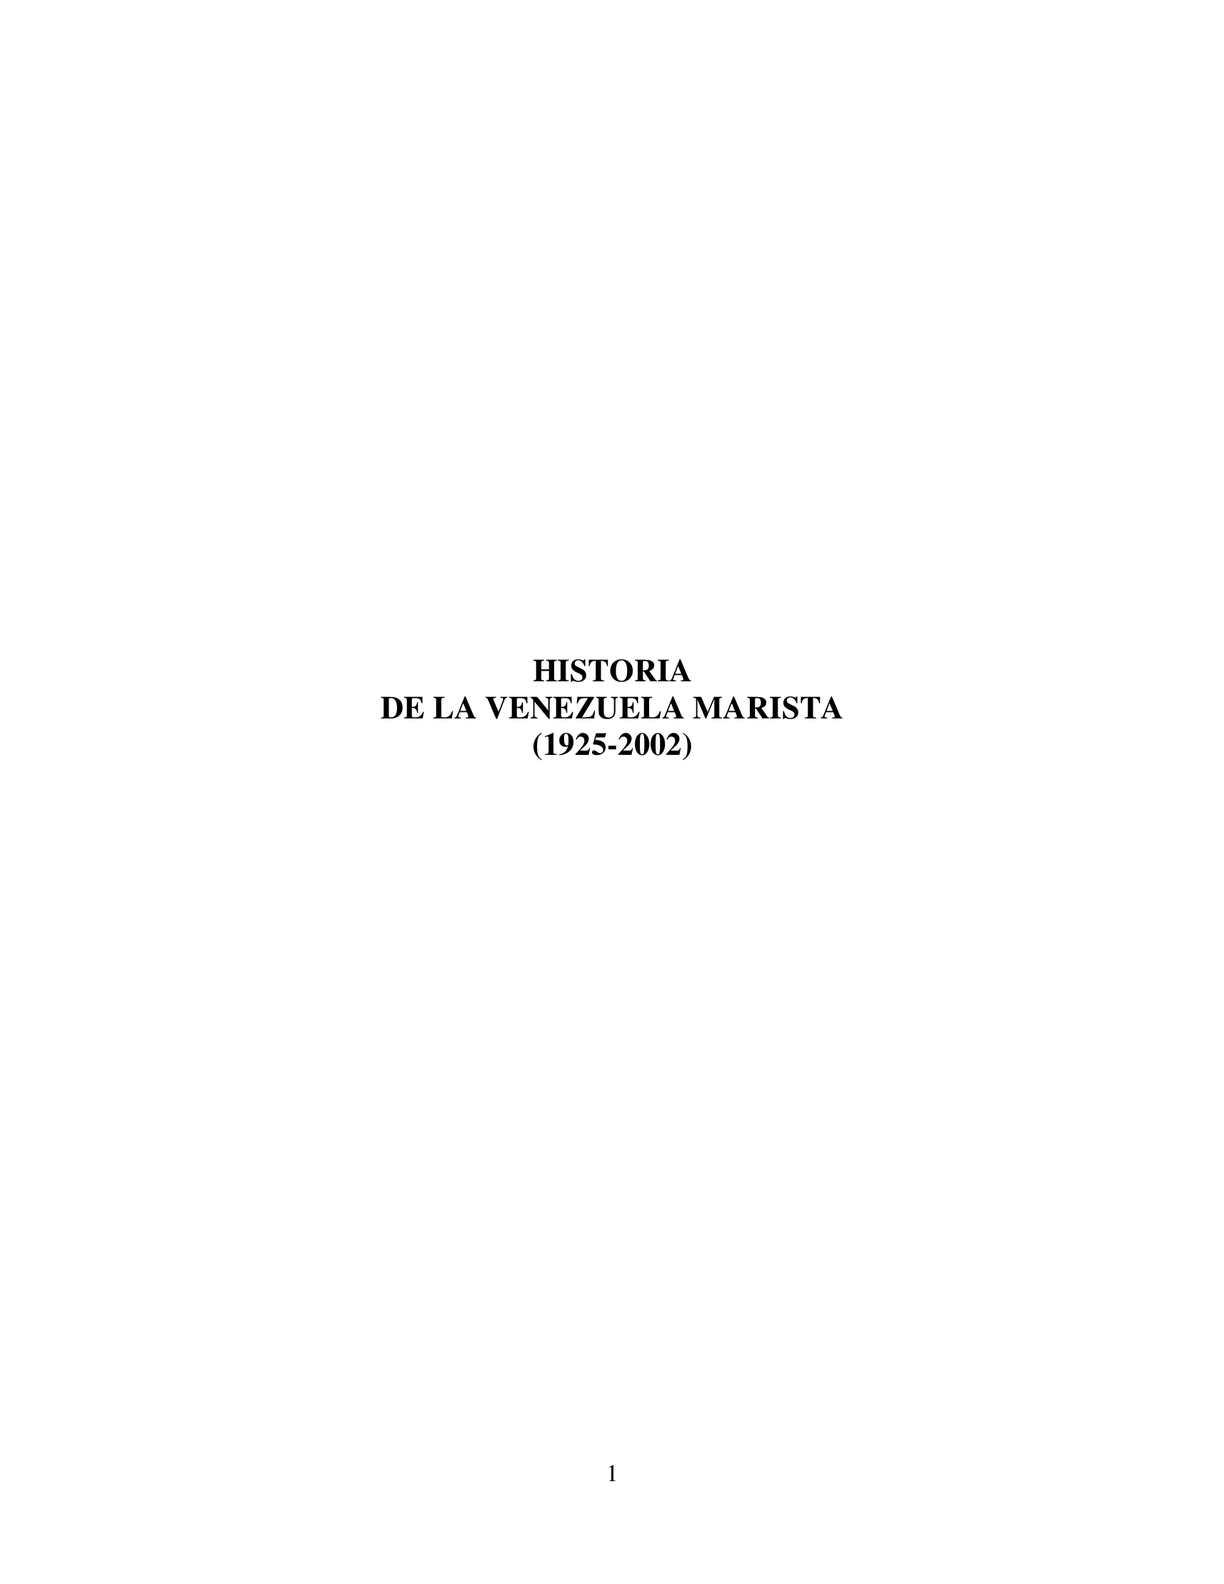 HISTORIA DE LA VENEZUELA MARISTA 18 DE  JUNIO DE 2014